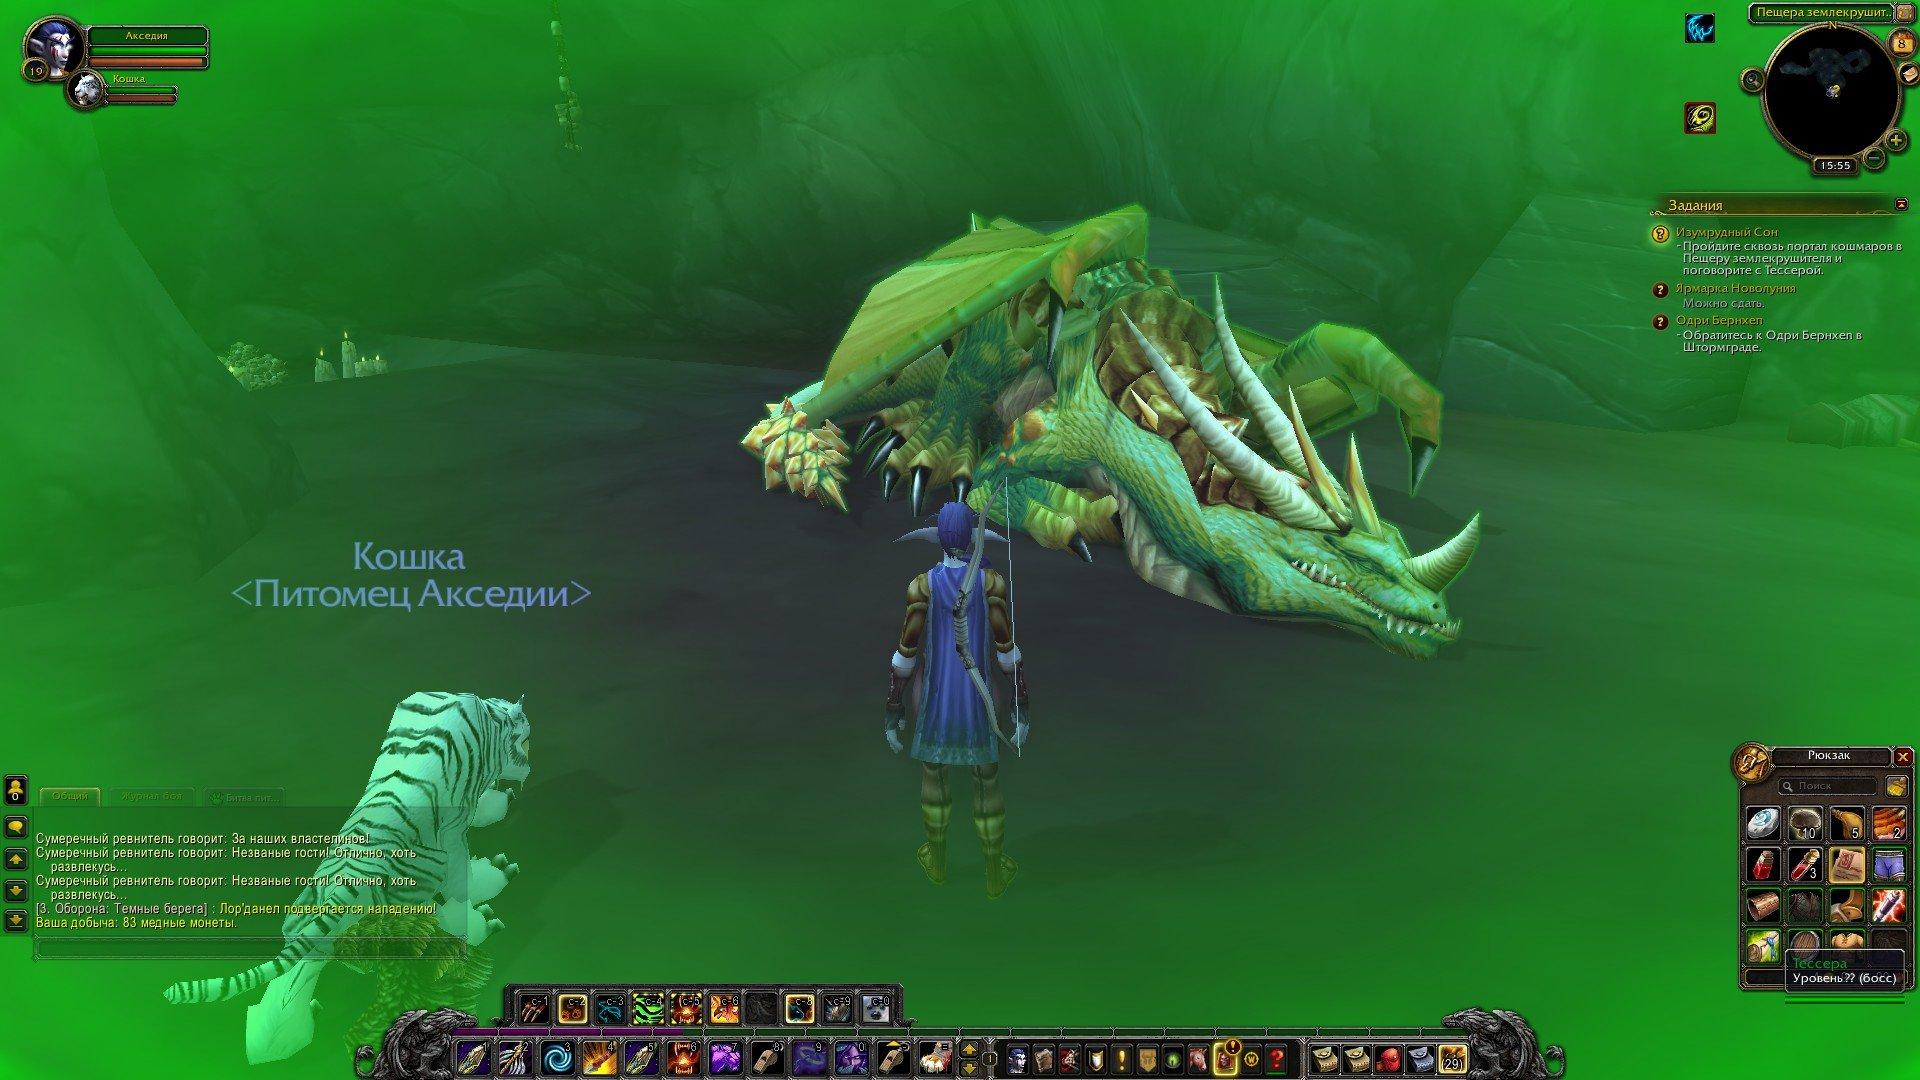 Путешествие по World of Warcraft ... Ночной Эльф. Глава 2 - Изображение 17